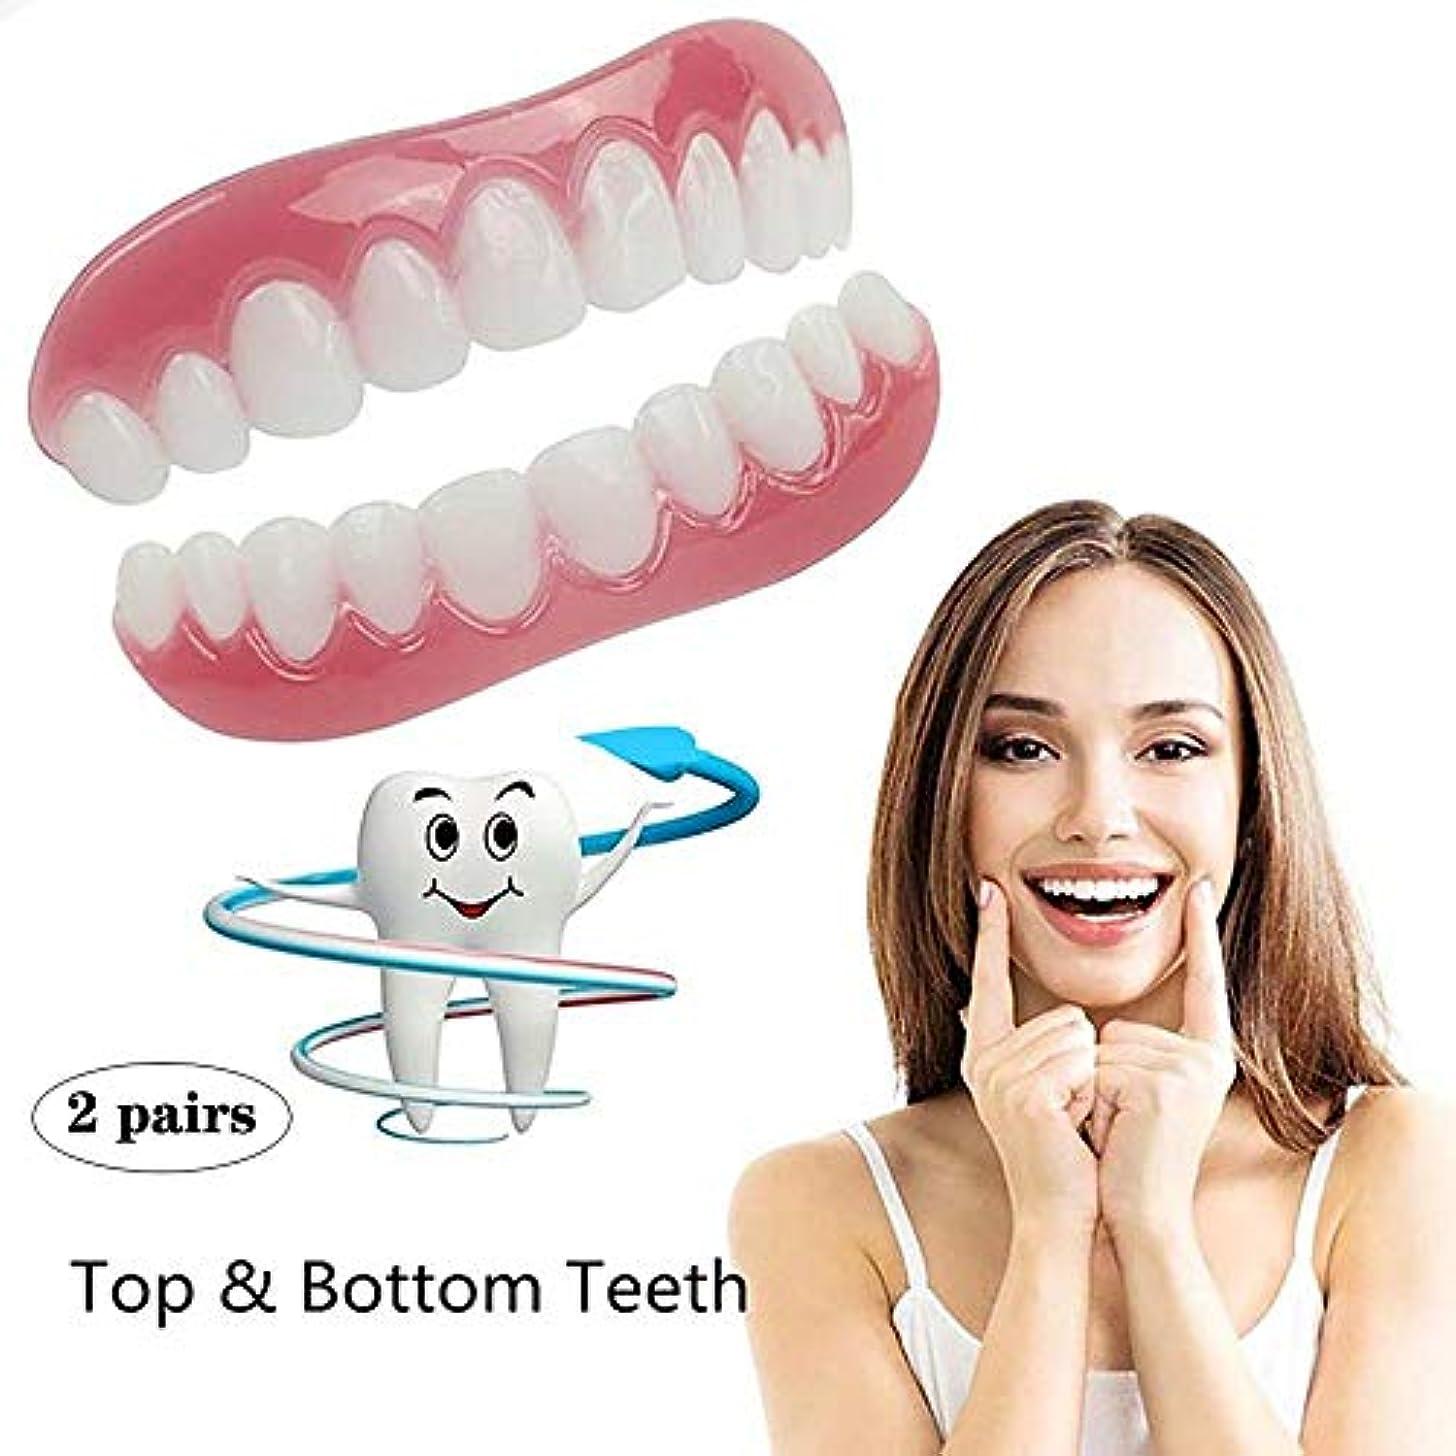 うんざり石鹸賃金2対の歯のベニヤ化粧品の歯のスナップオンセキュアアッパーロアフレックスデンタルベニア義歯ケアファッション